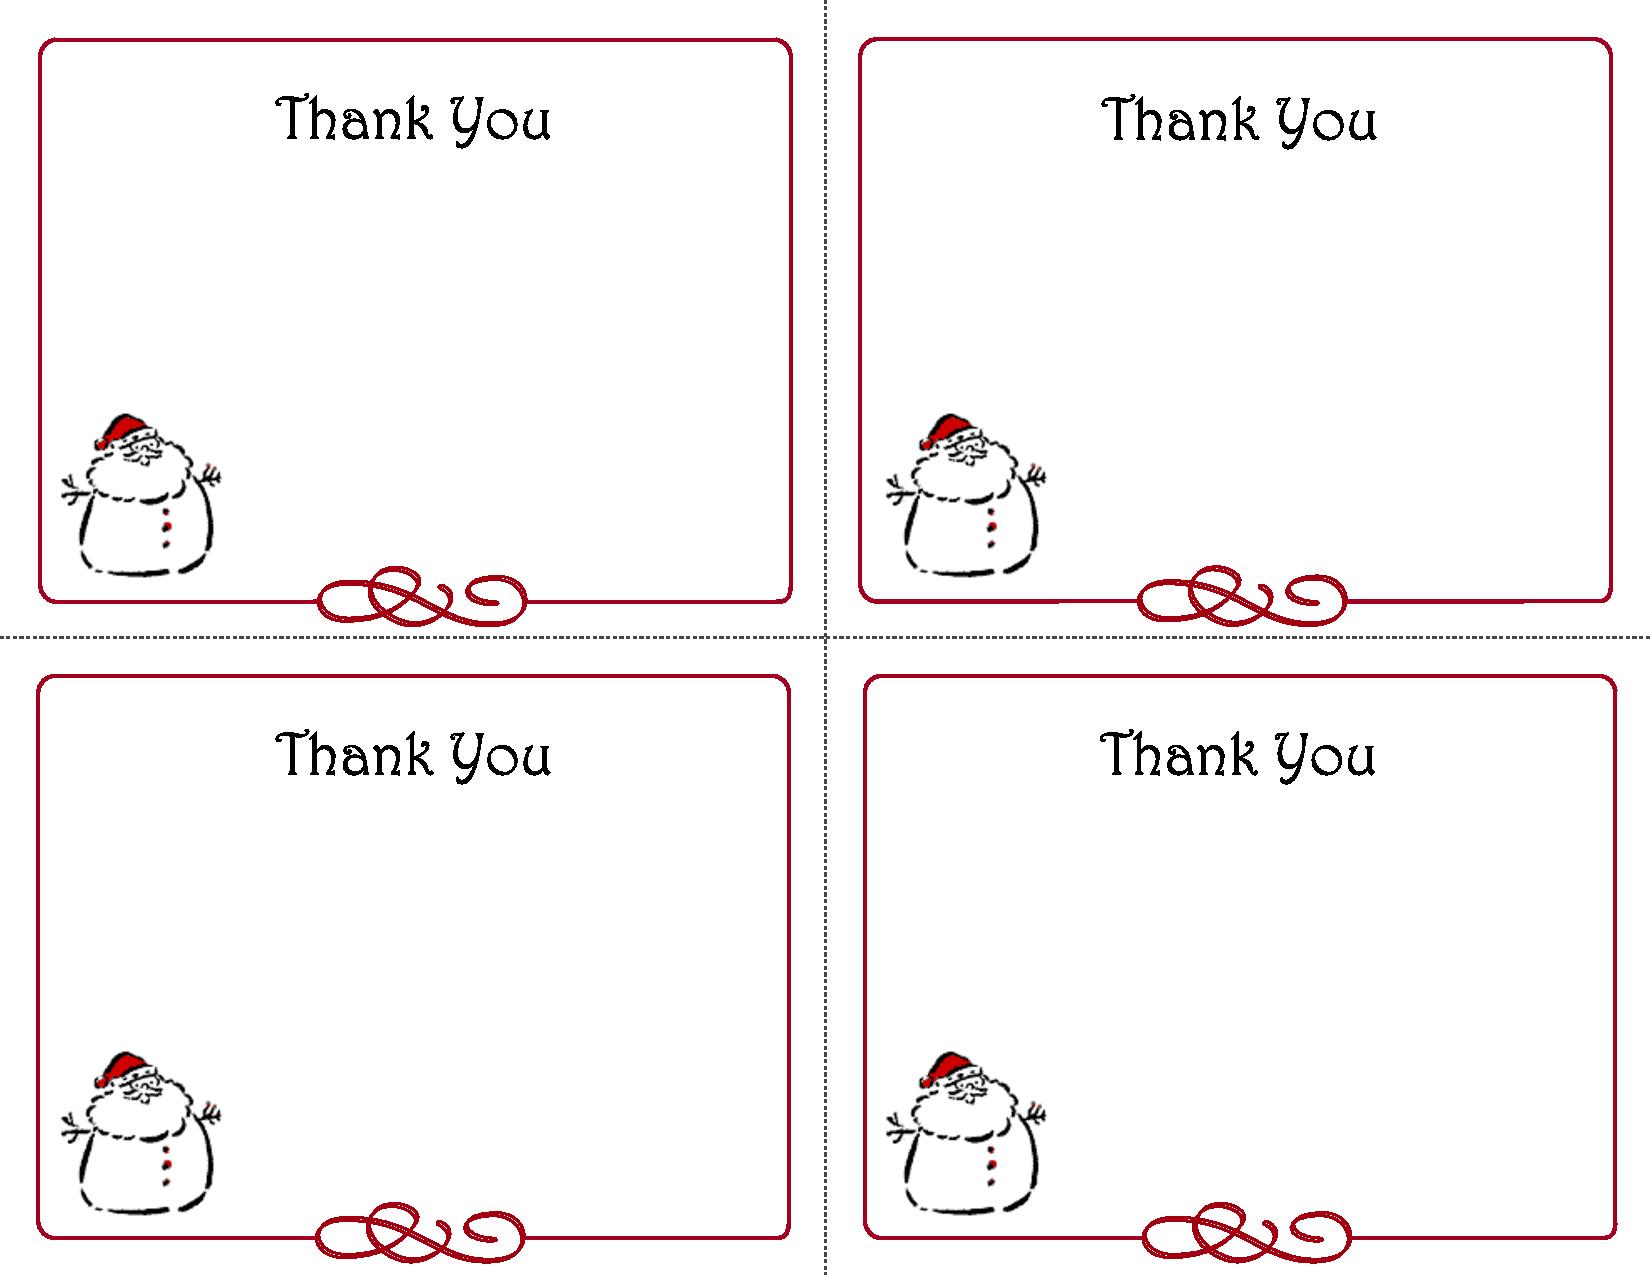 Free Thank You Cards Printable   Free Printable Holiday Gift Tags - Free Printable Christmas Thank You Cards